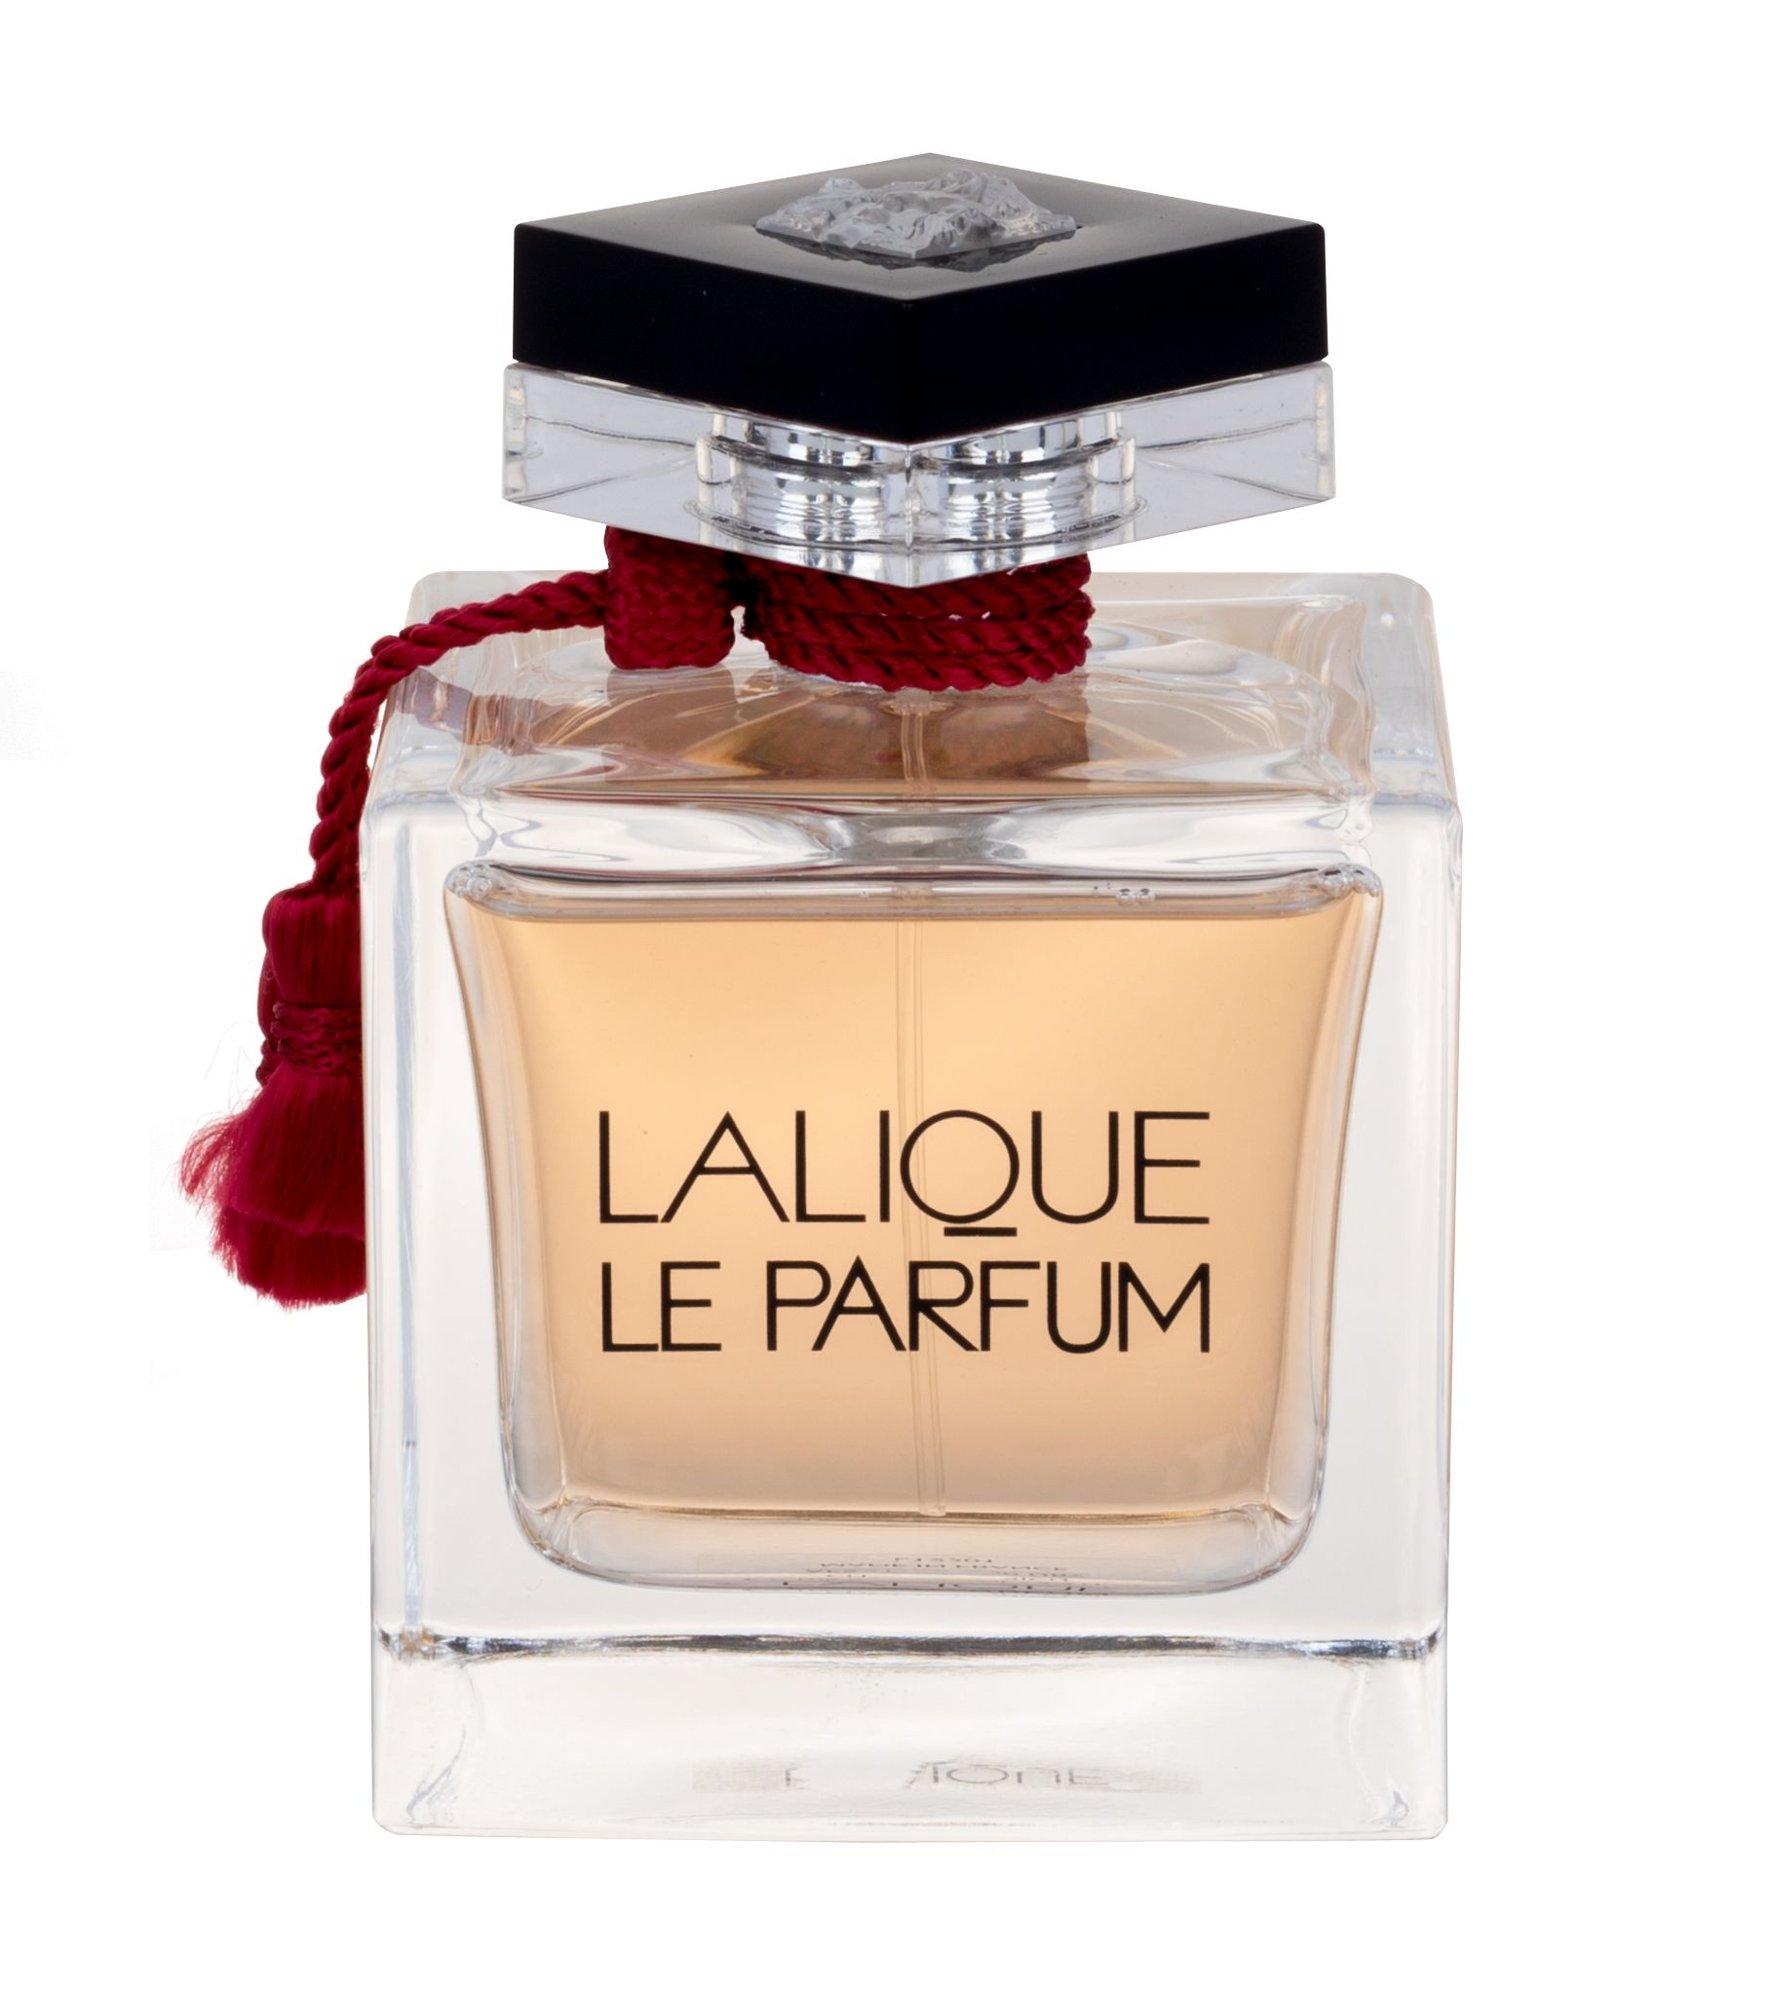 Lalique Le Parfum EDP 100ml